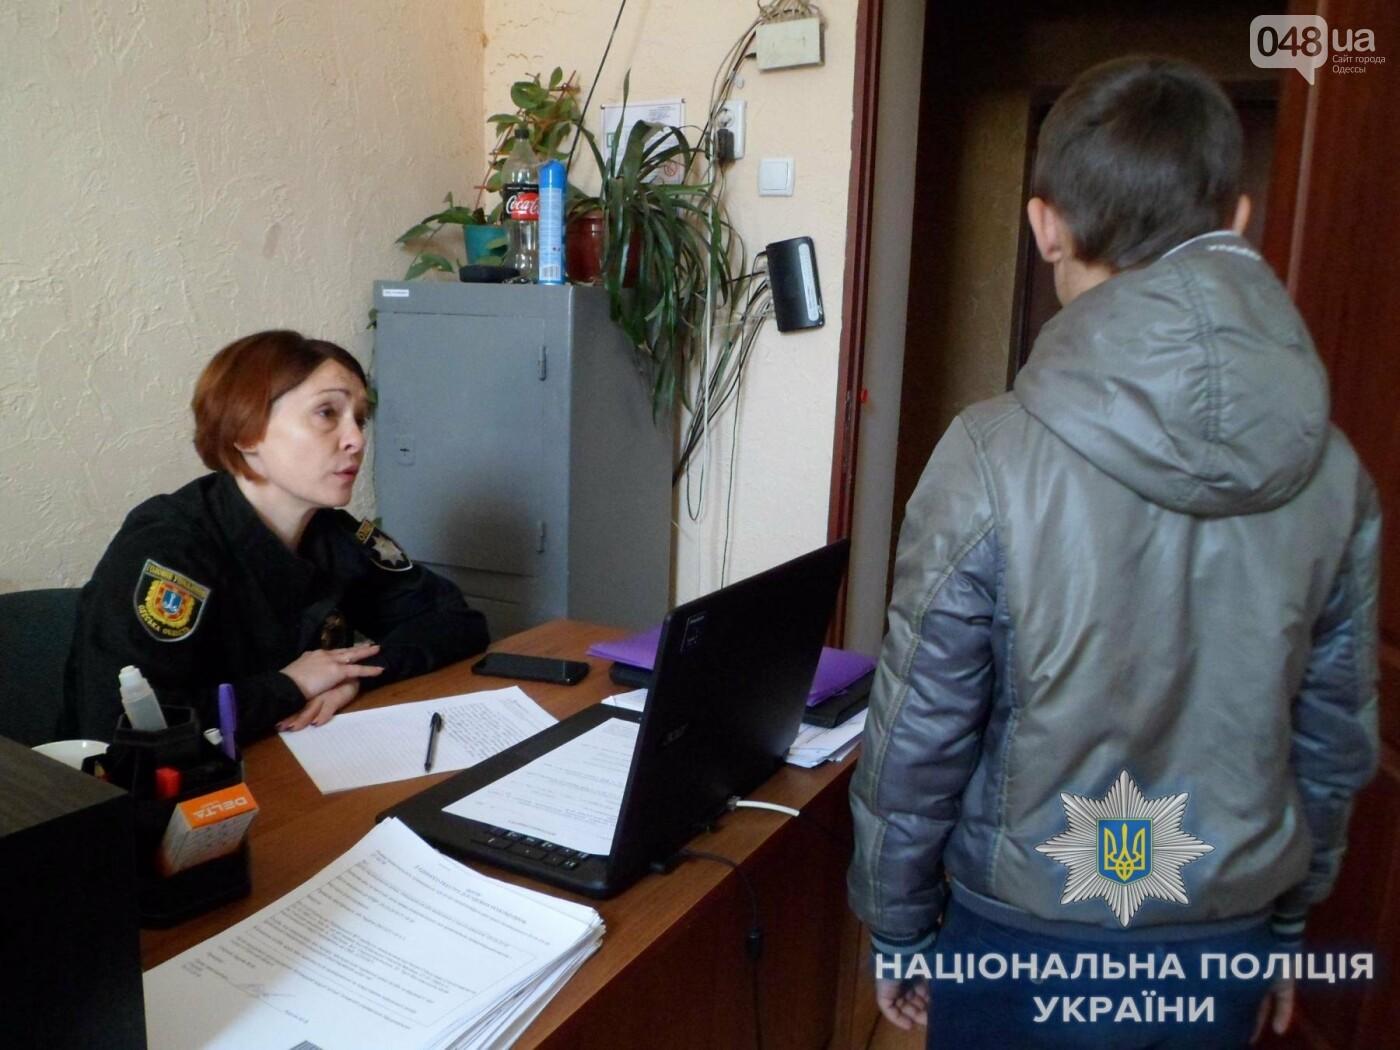 Пропавшего без вести 11-летнего одессита нашли в Подольске, - ФОТО, фото-1